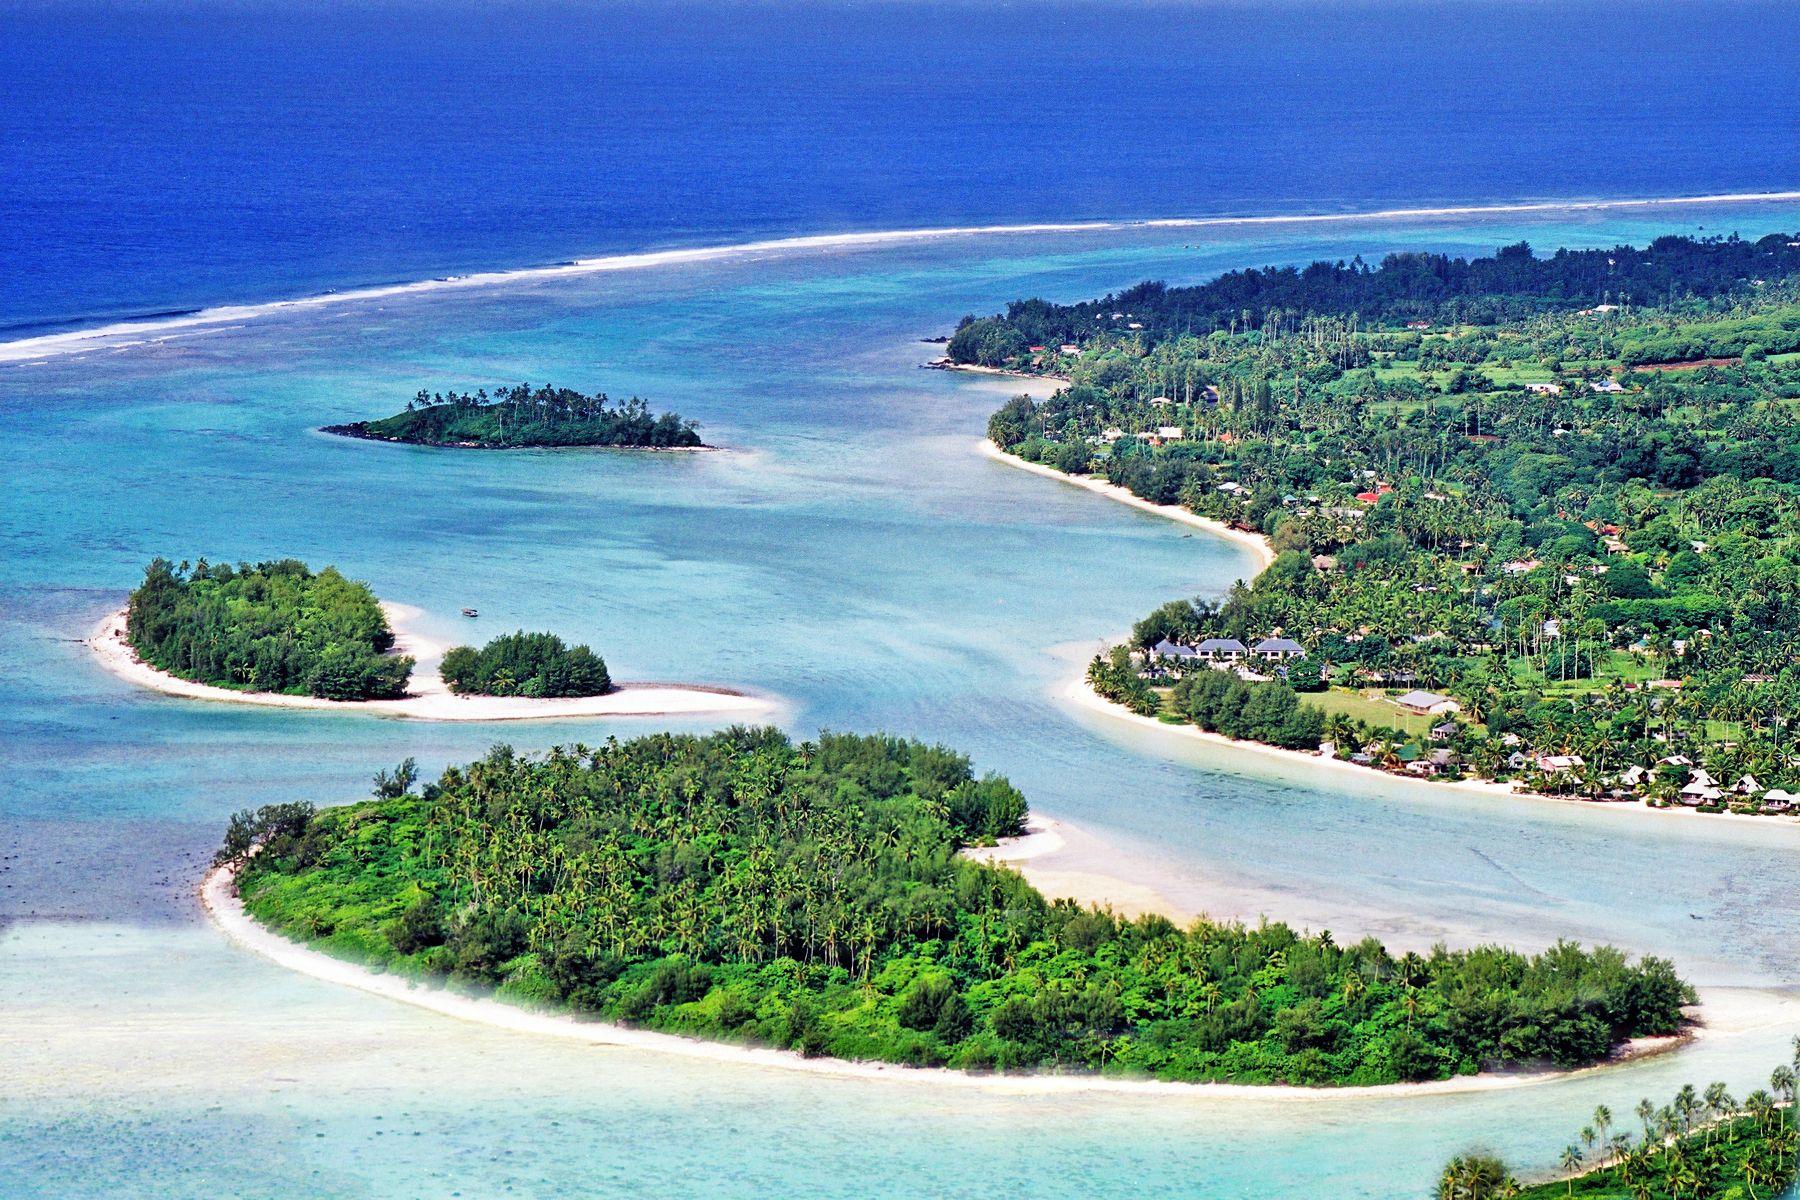 Top ten: dieci cose da non perdere alle Isole Cook